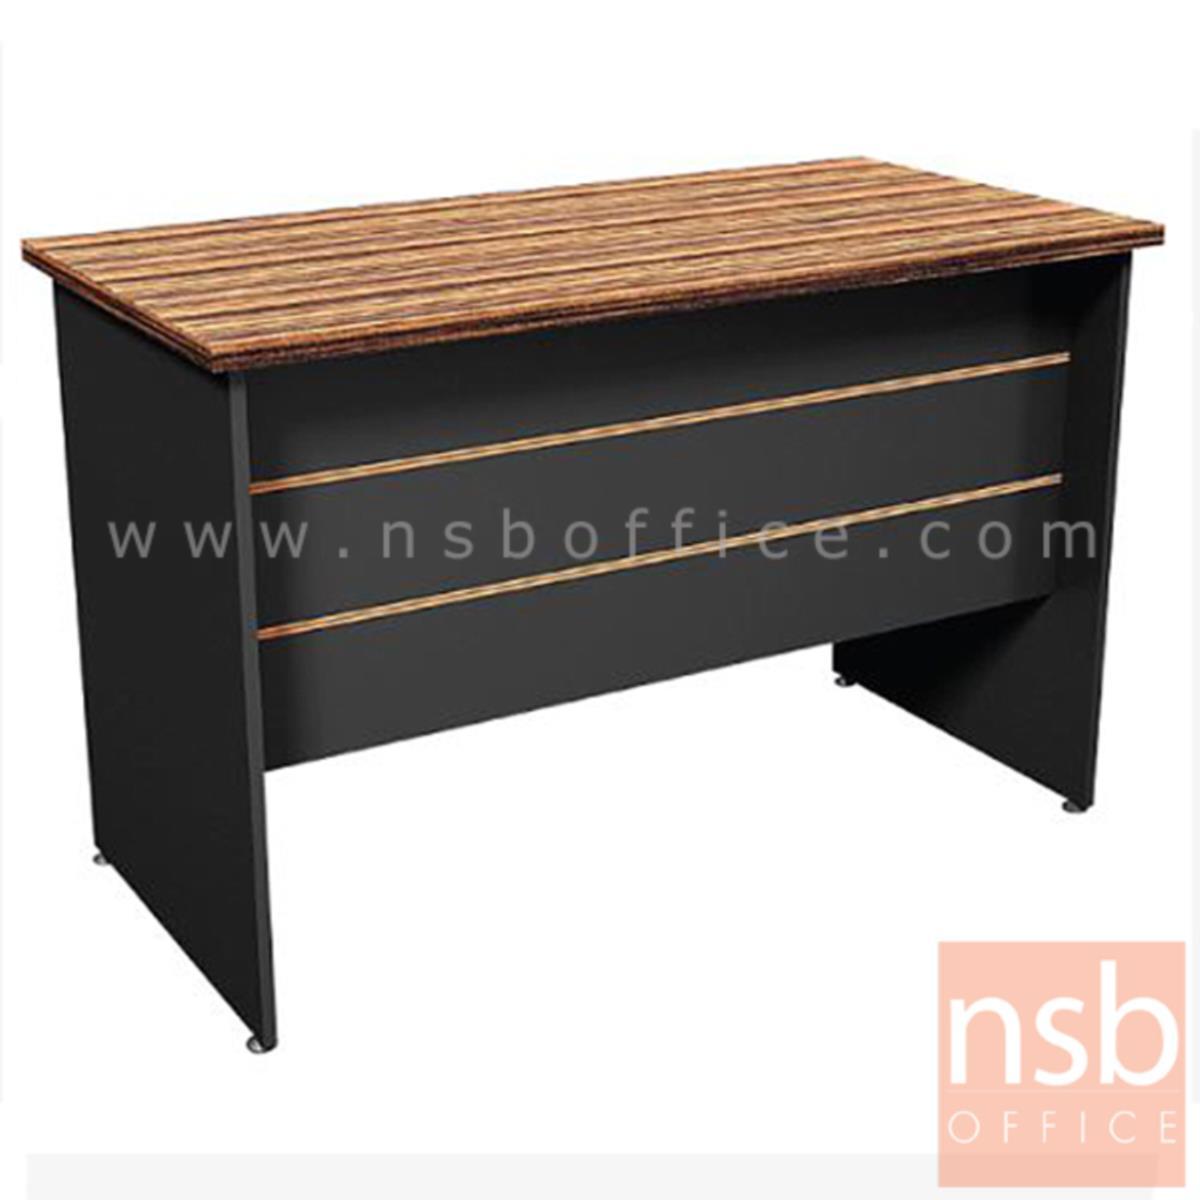 โต๊ะทำงาน รุ่น Denton (เดนตัน) ขนาด 120W ,150W cm.  ขาไม้ สีลายไม้ซีบราโน่ตัดดำ ขอบ ROSEGOLD